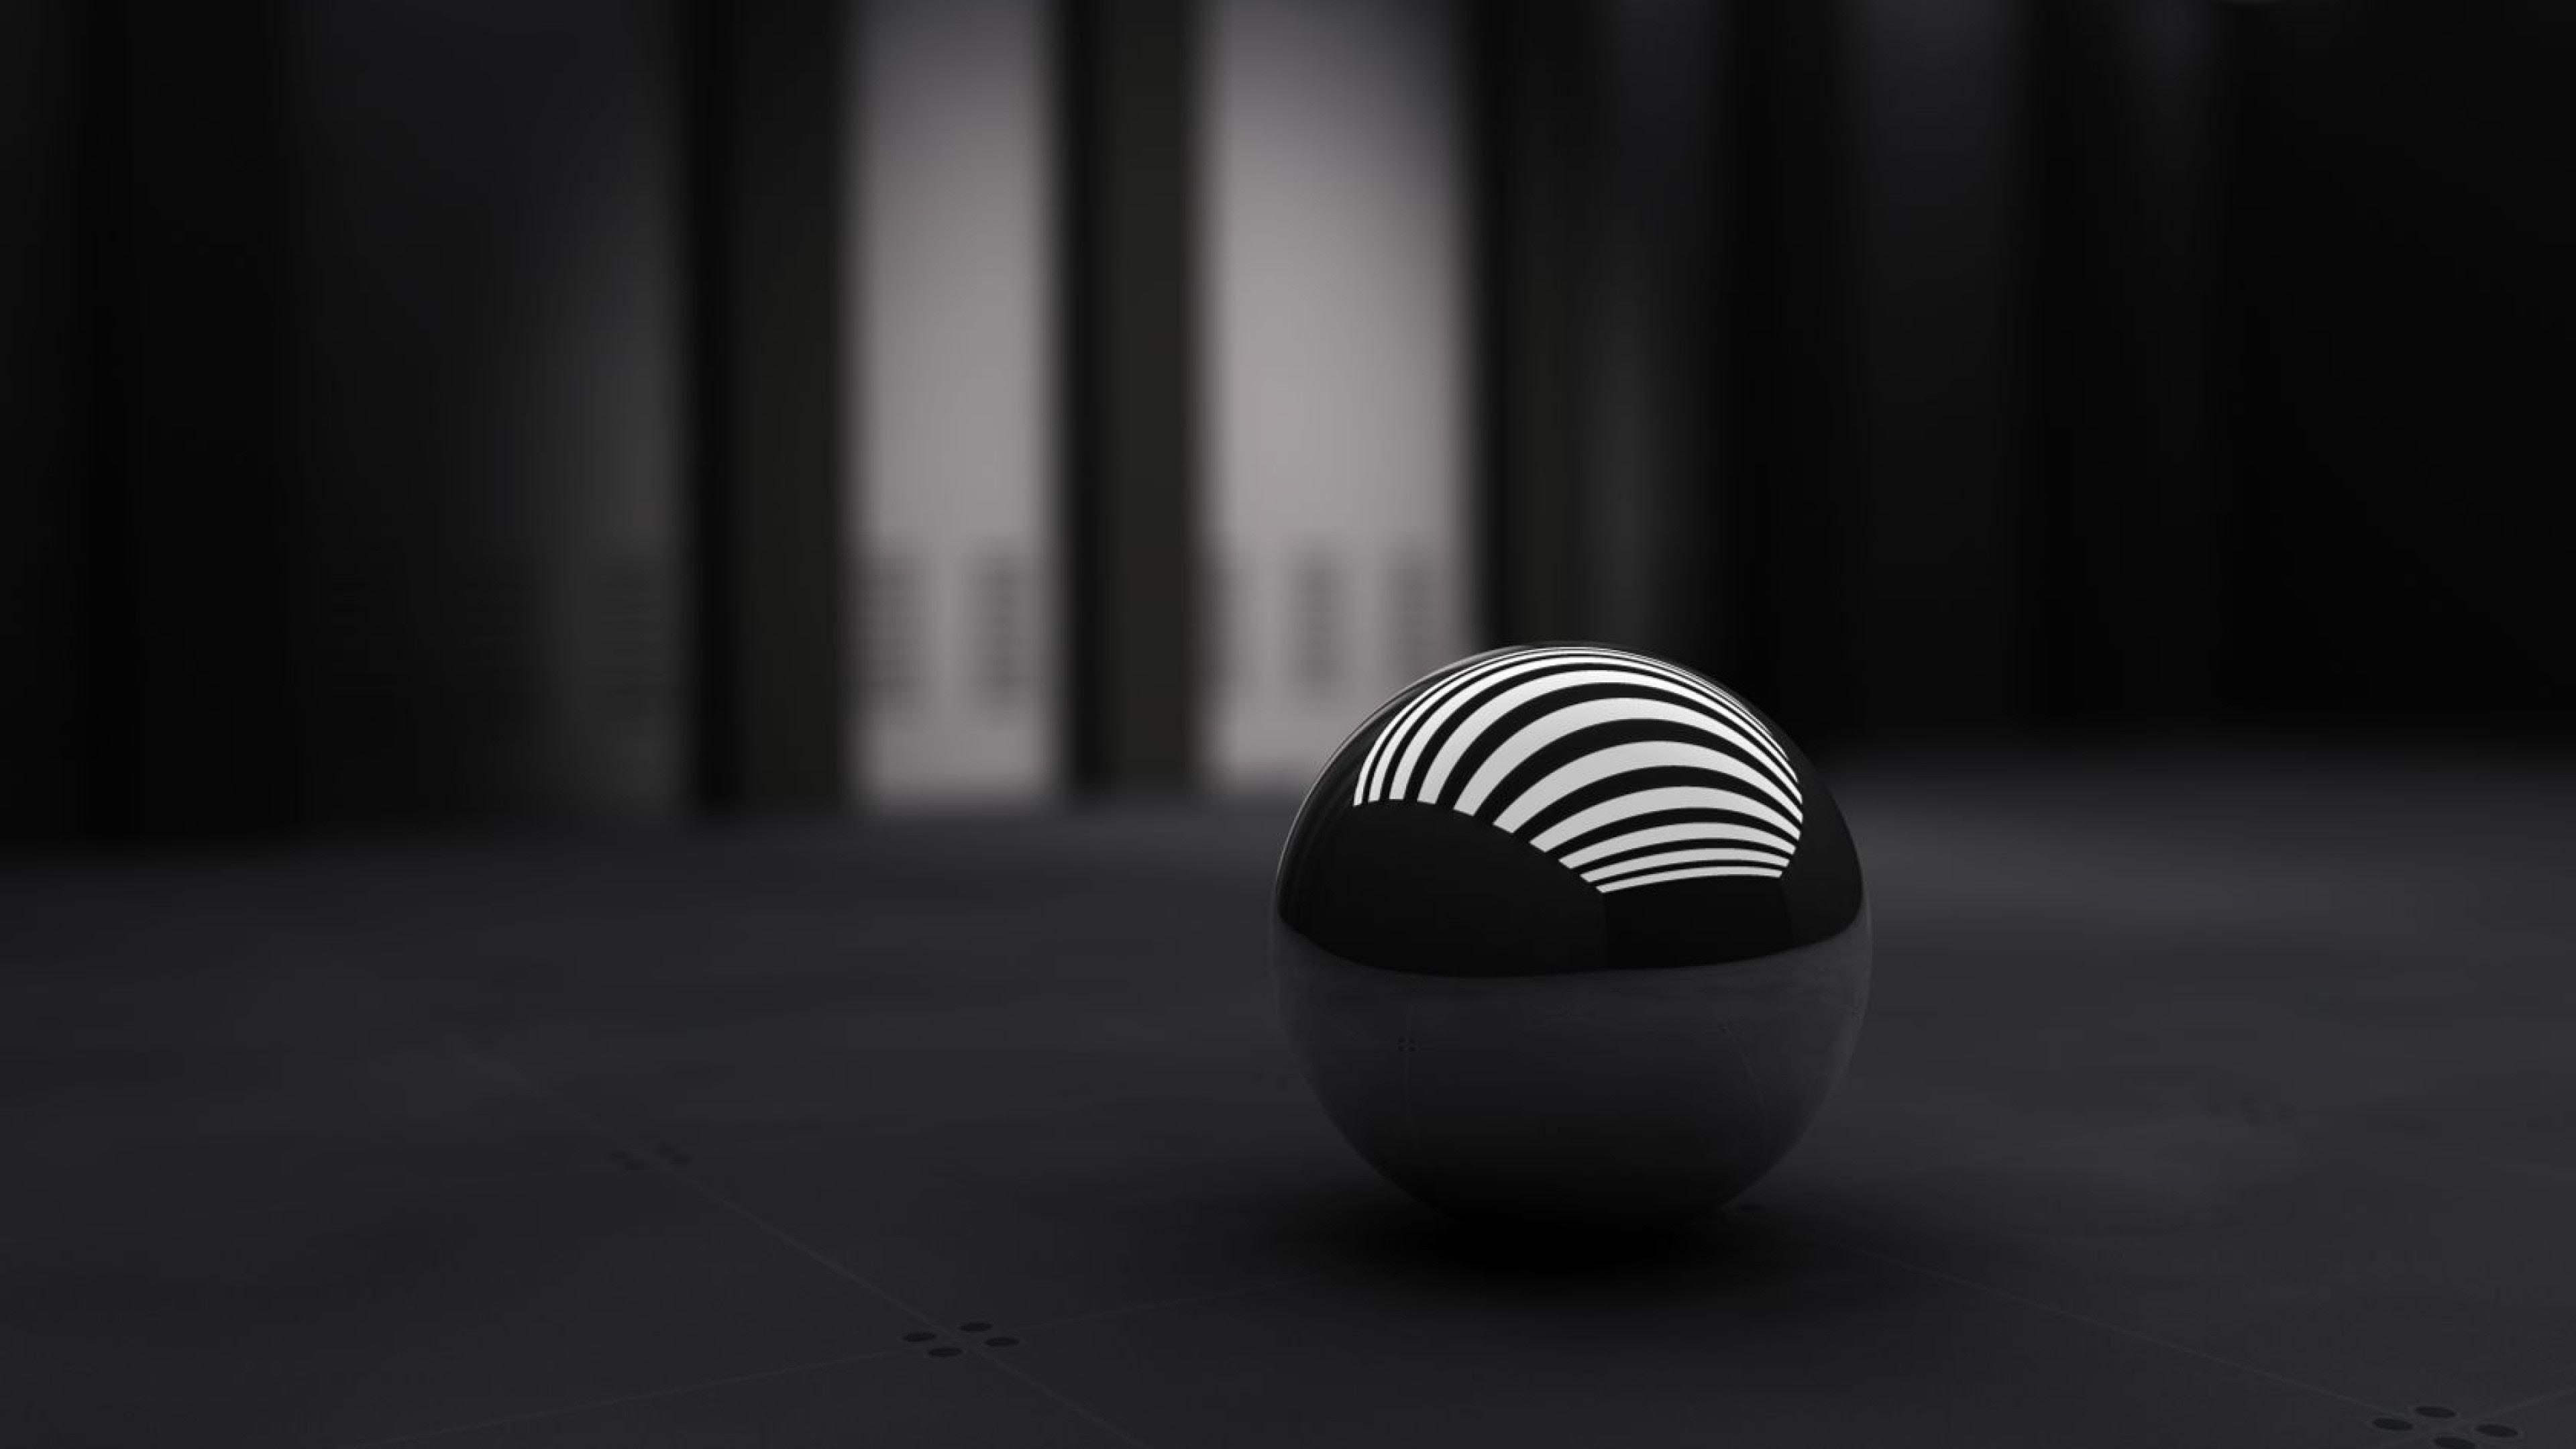 Download 300+ Wallpaper Black Hd 4k HD Terbaik